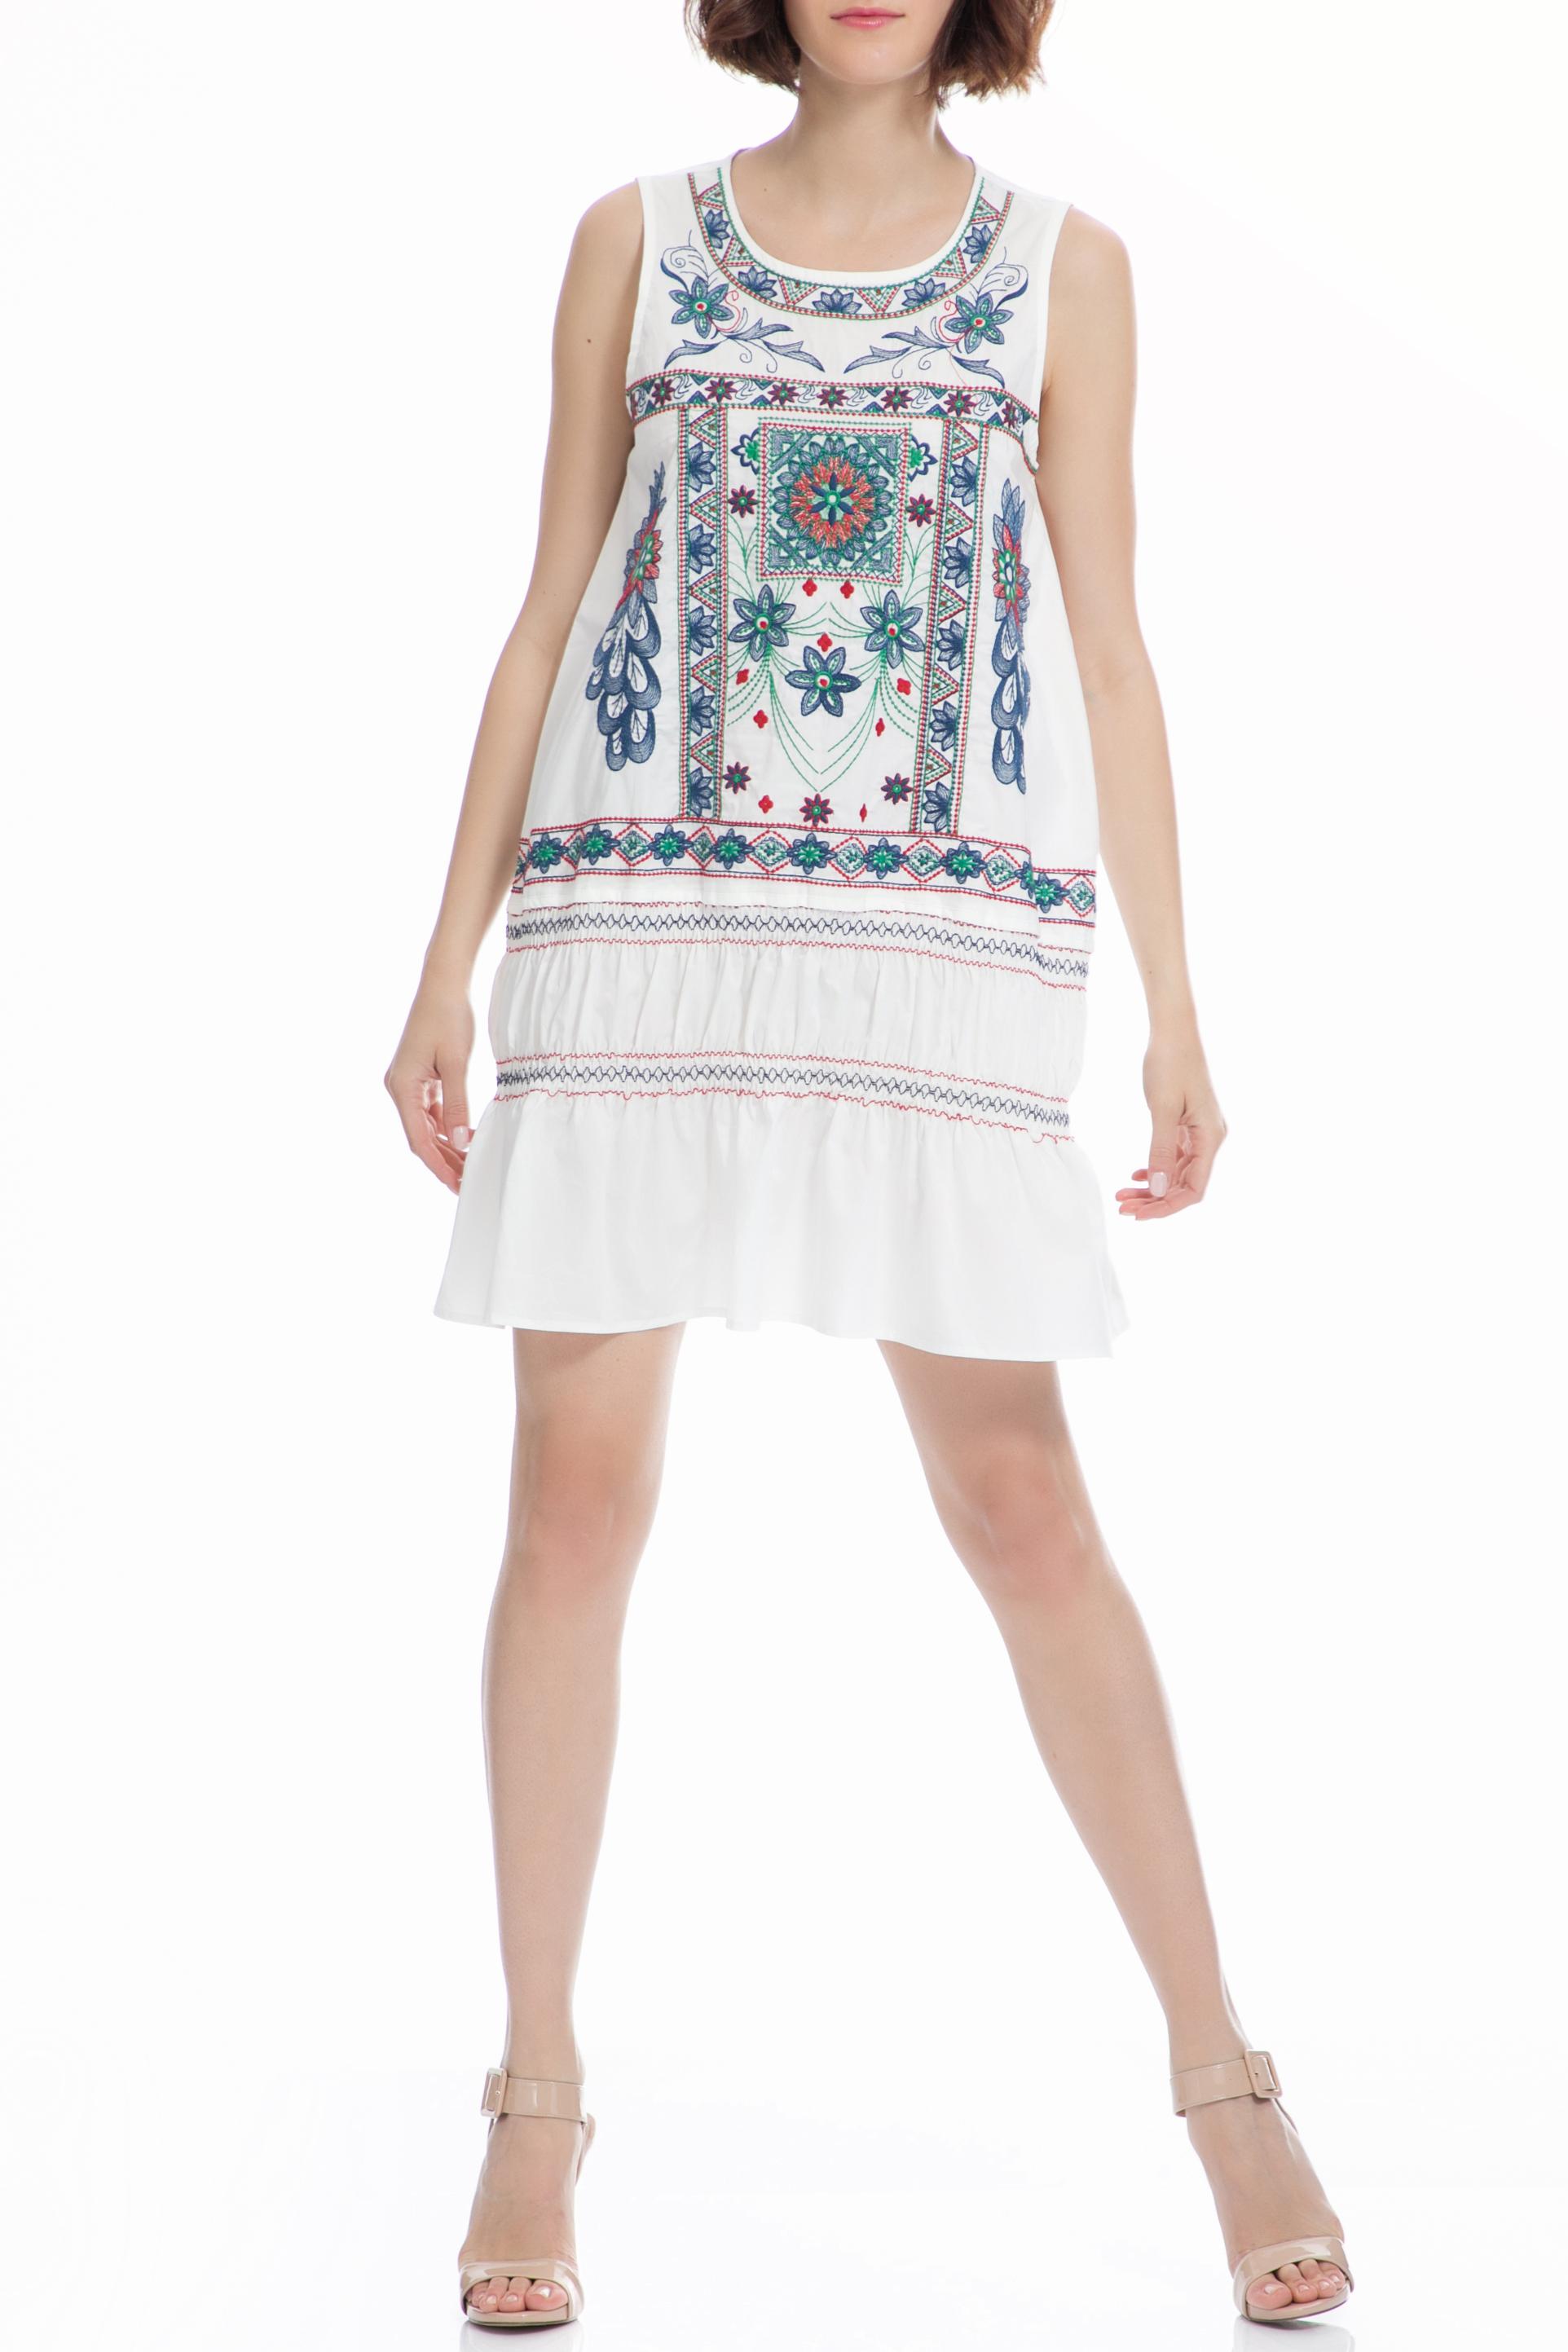 MOLLY BRACKEN - Φόρεμα MOLLY BRACKEN λευκό